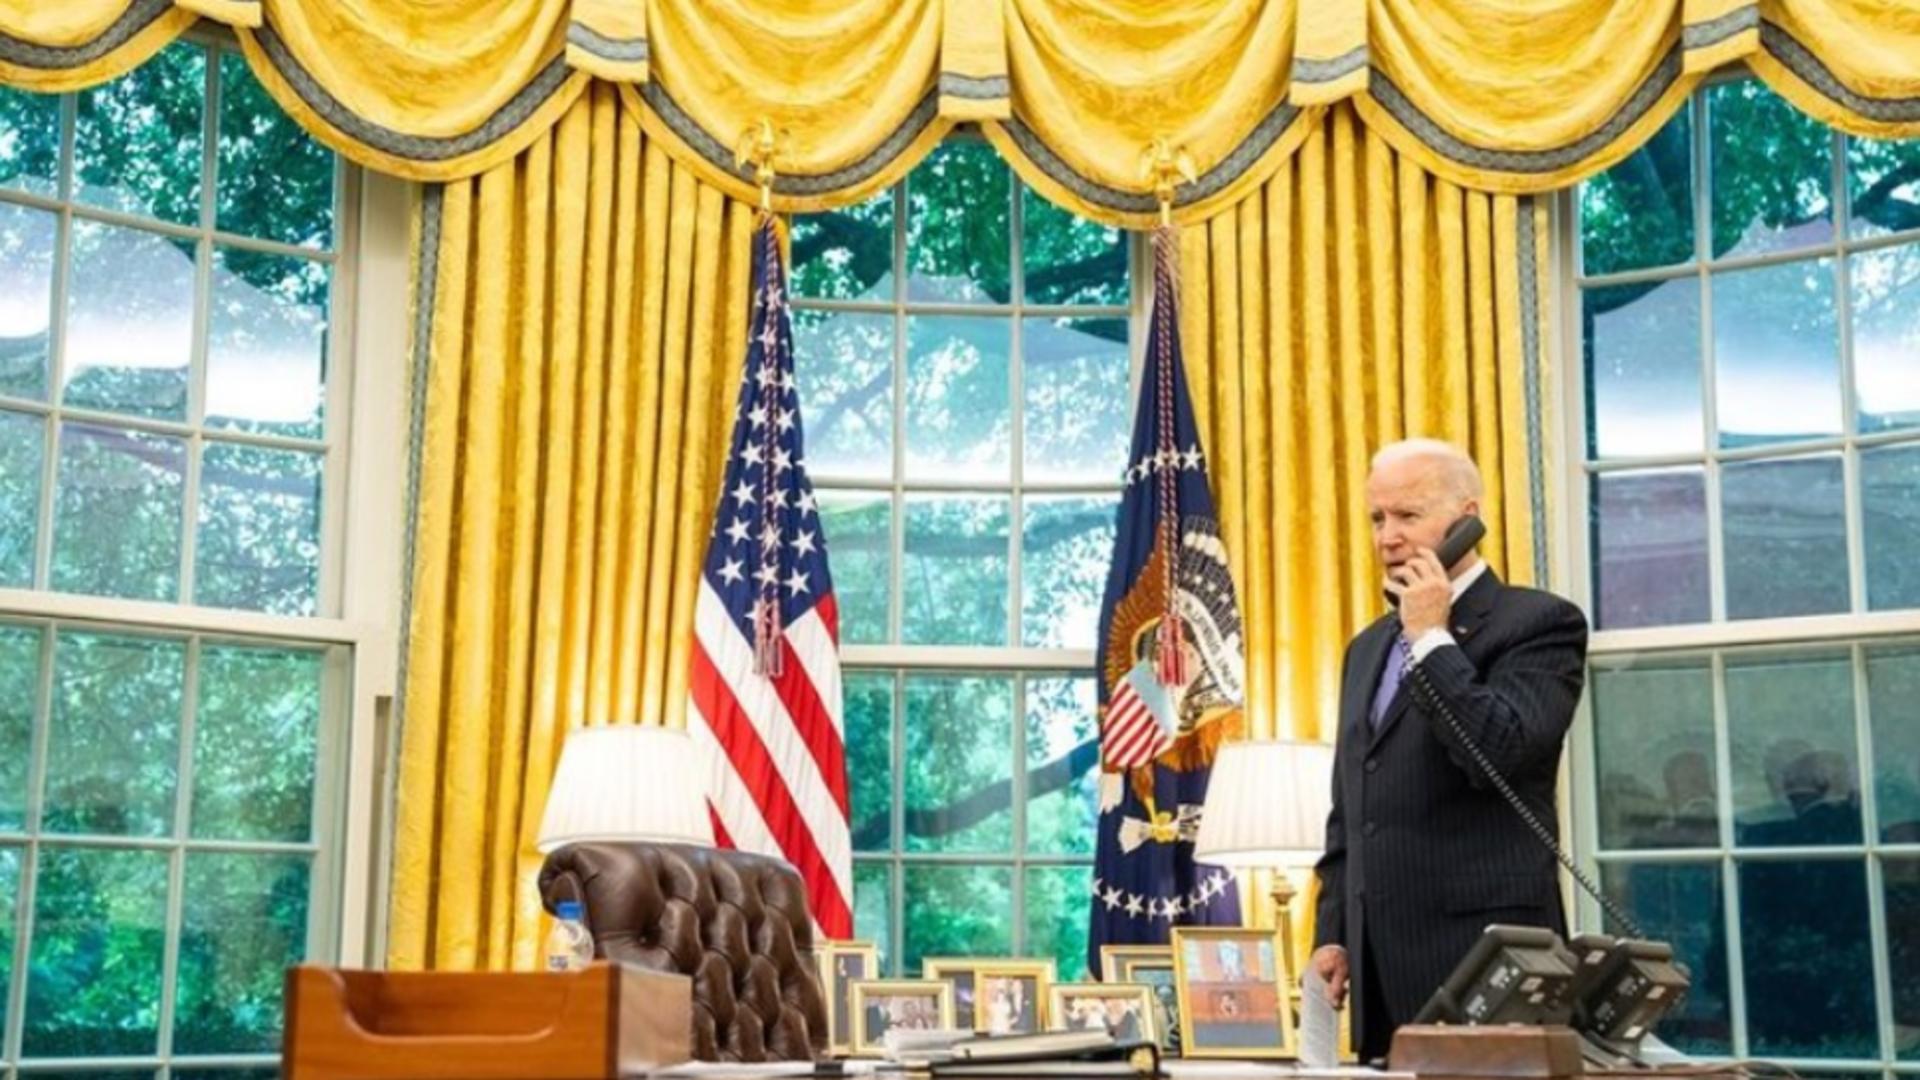 Fotografia care a aprins imaginația fanilor lui Trump